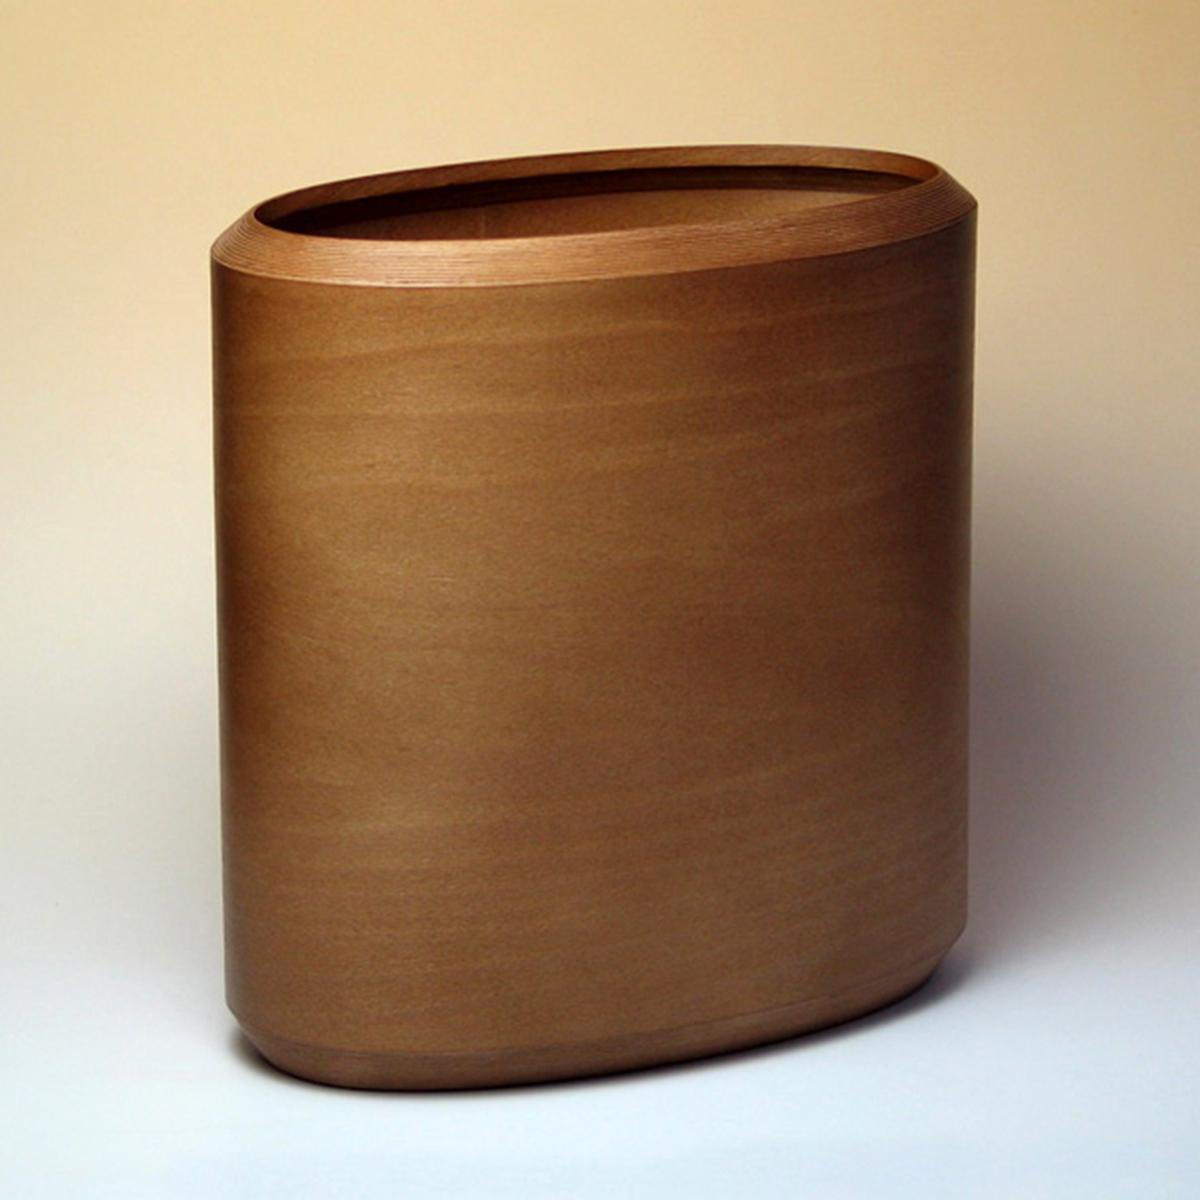 ブナコ INTERIOR GOODS DUST BIN IB-D3317 Caramel brown /マルゲリータ